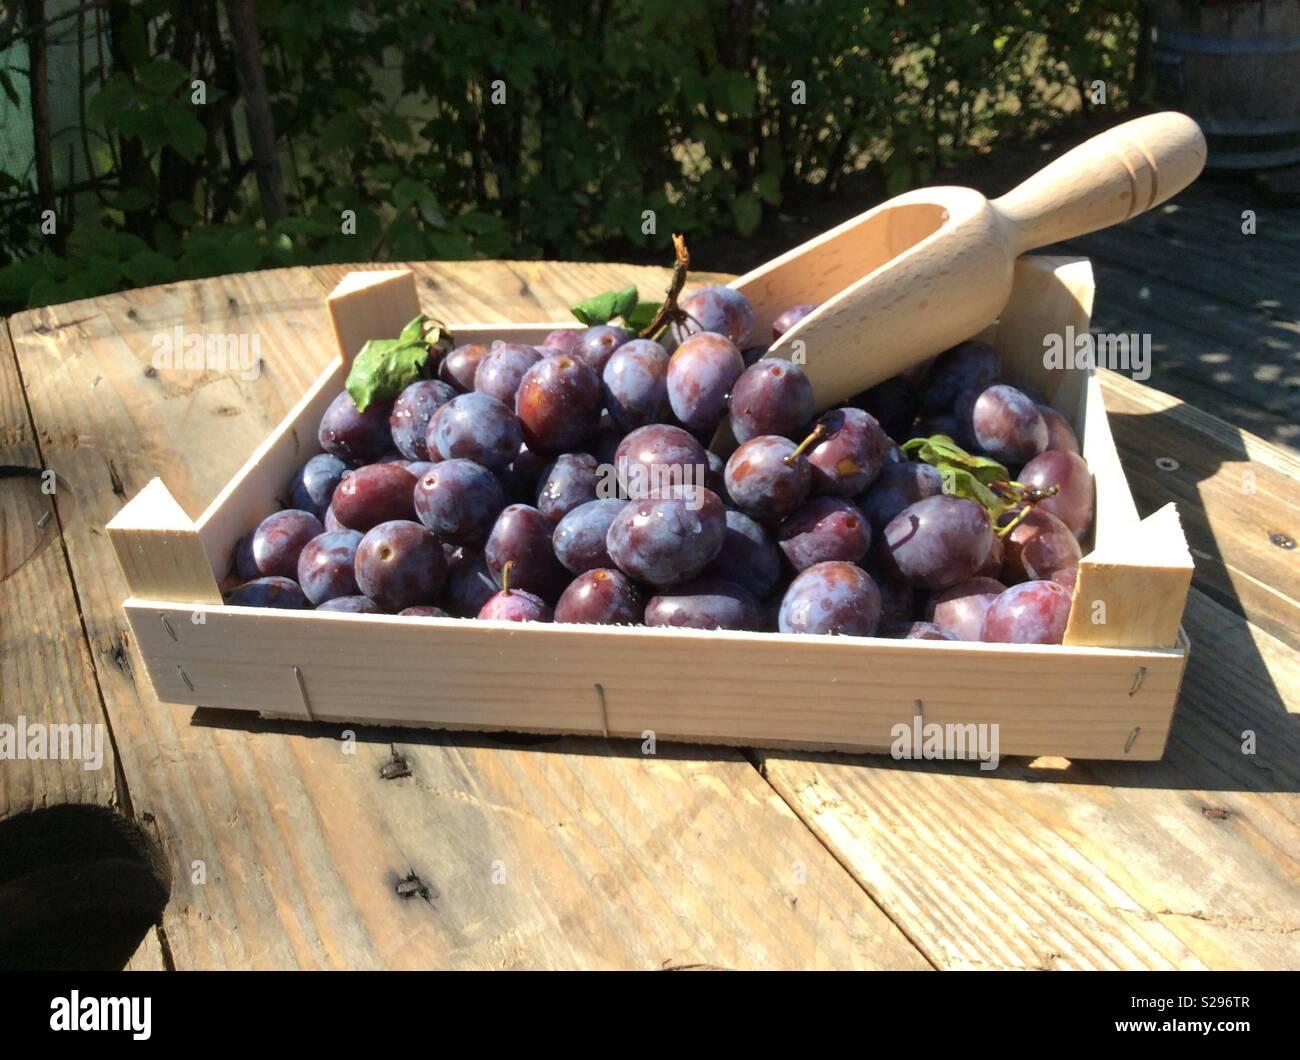 Frisch geernteten Pflaumen und hölzerne Schaufel in Holz Obst Kiste Stockbild